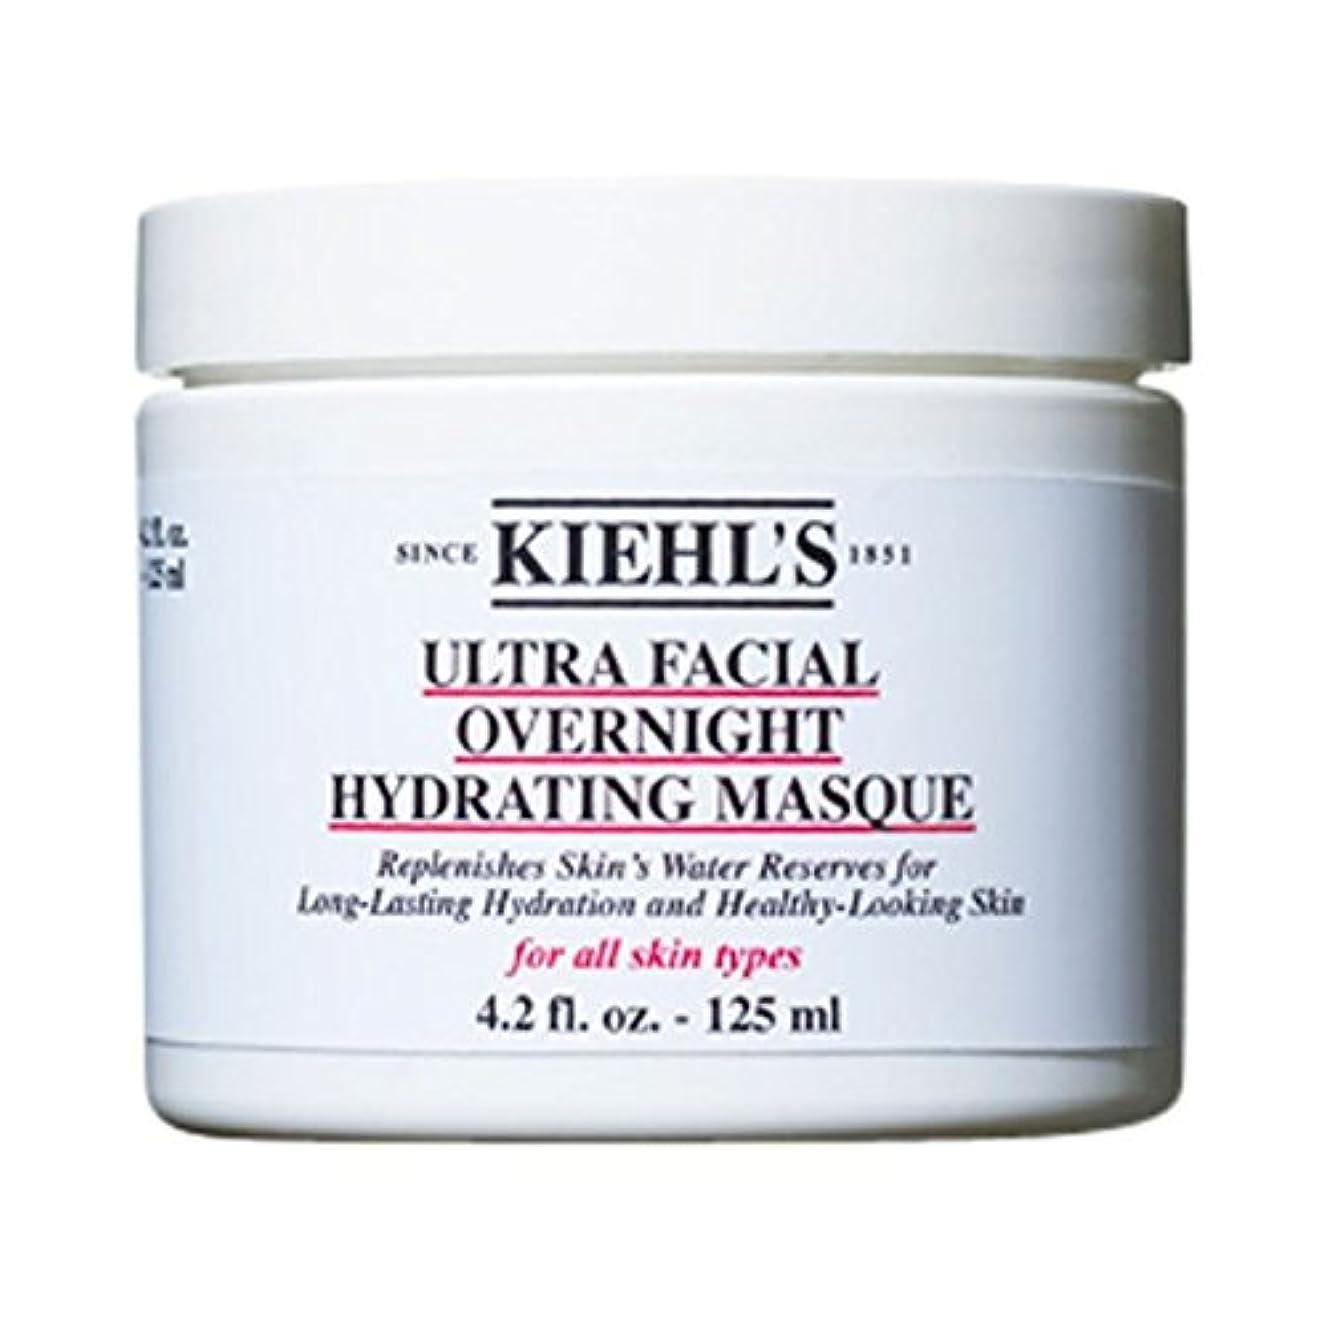 フェローシップジャム関連する[Kiehl's] 超顔の仮面劇の125ミリリットル - Ultra Facial Masque 125ml [並行輸入品]